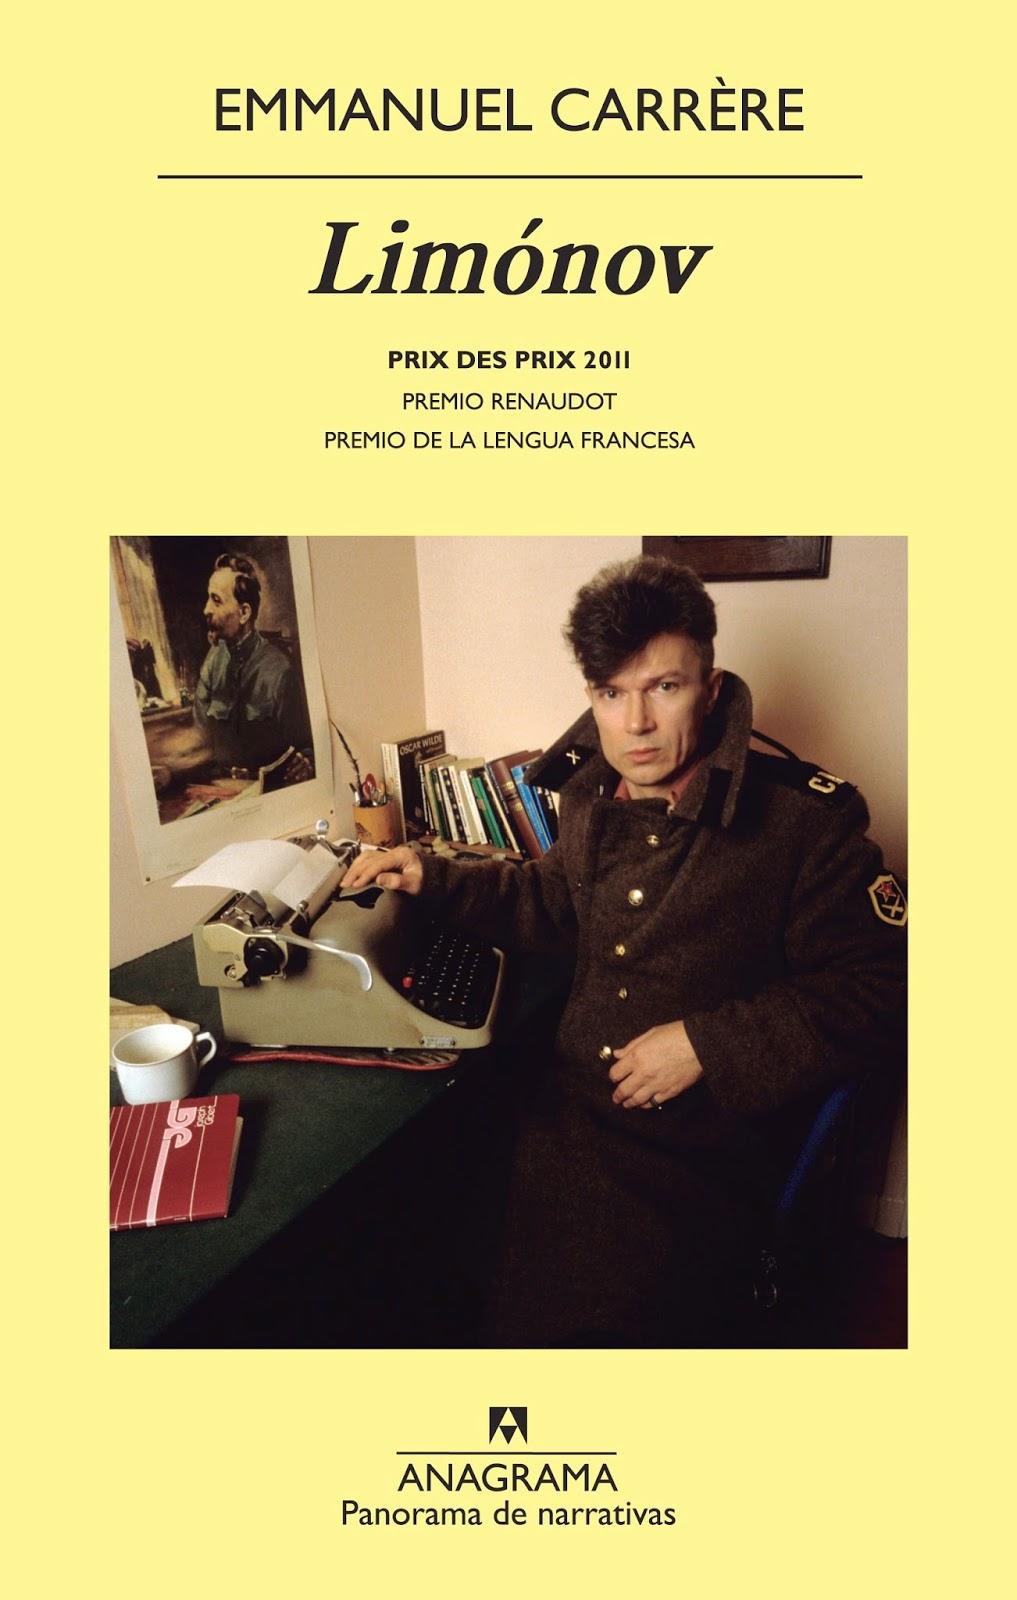 Comentario sobre el libro Limónov